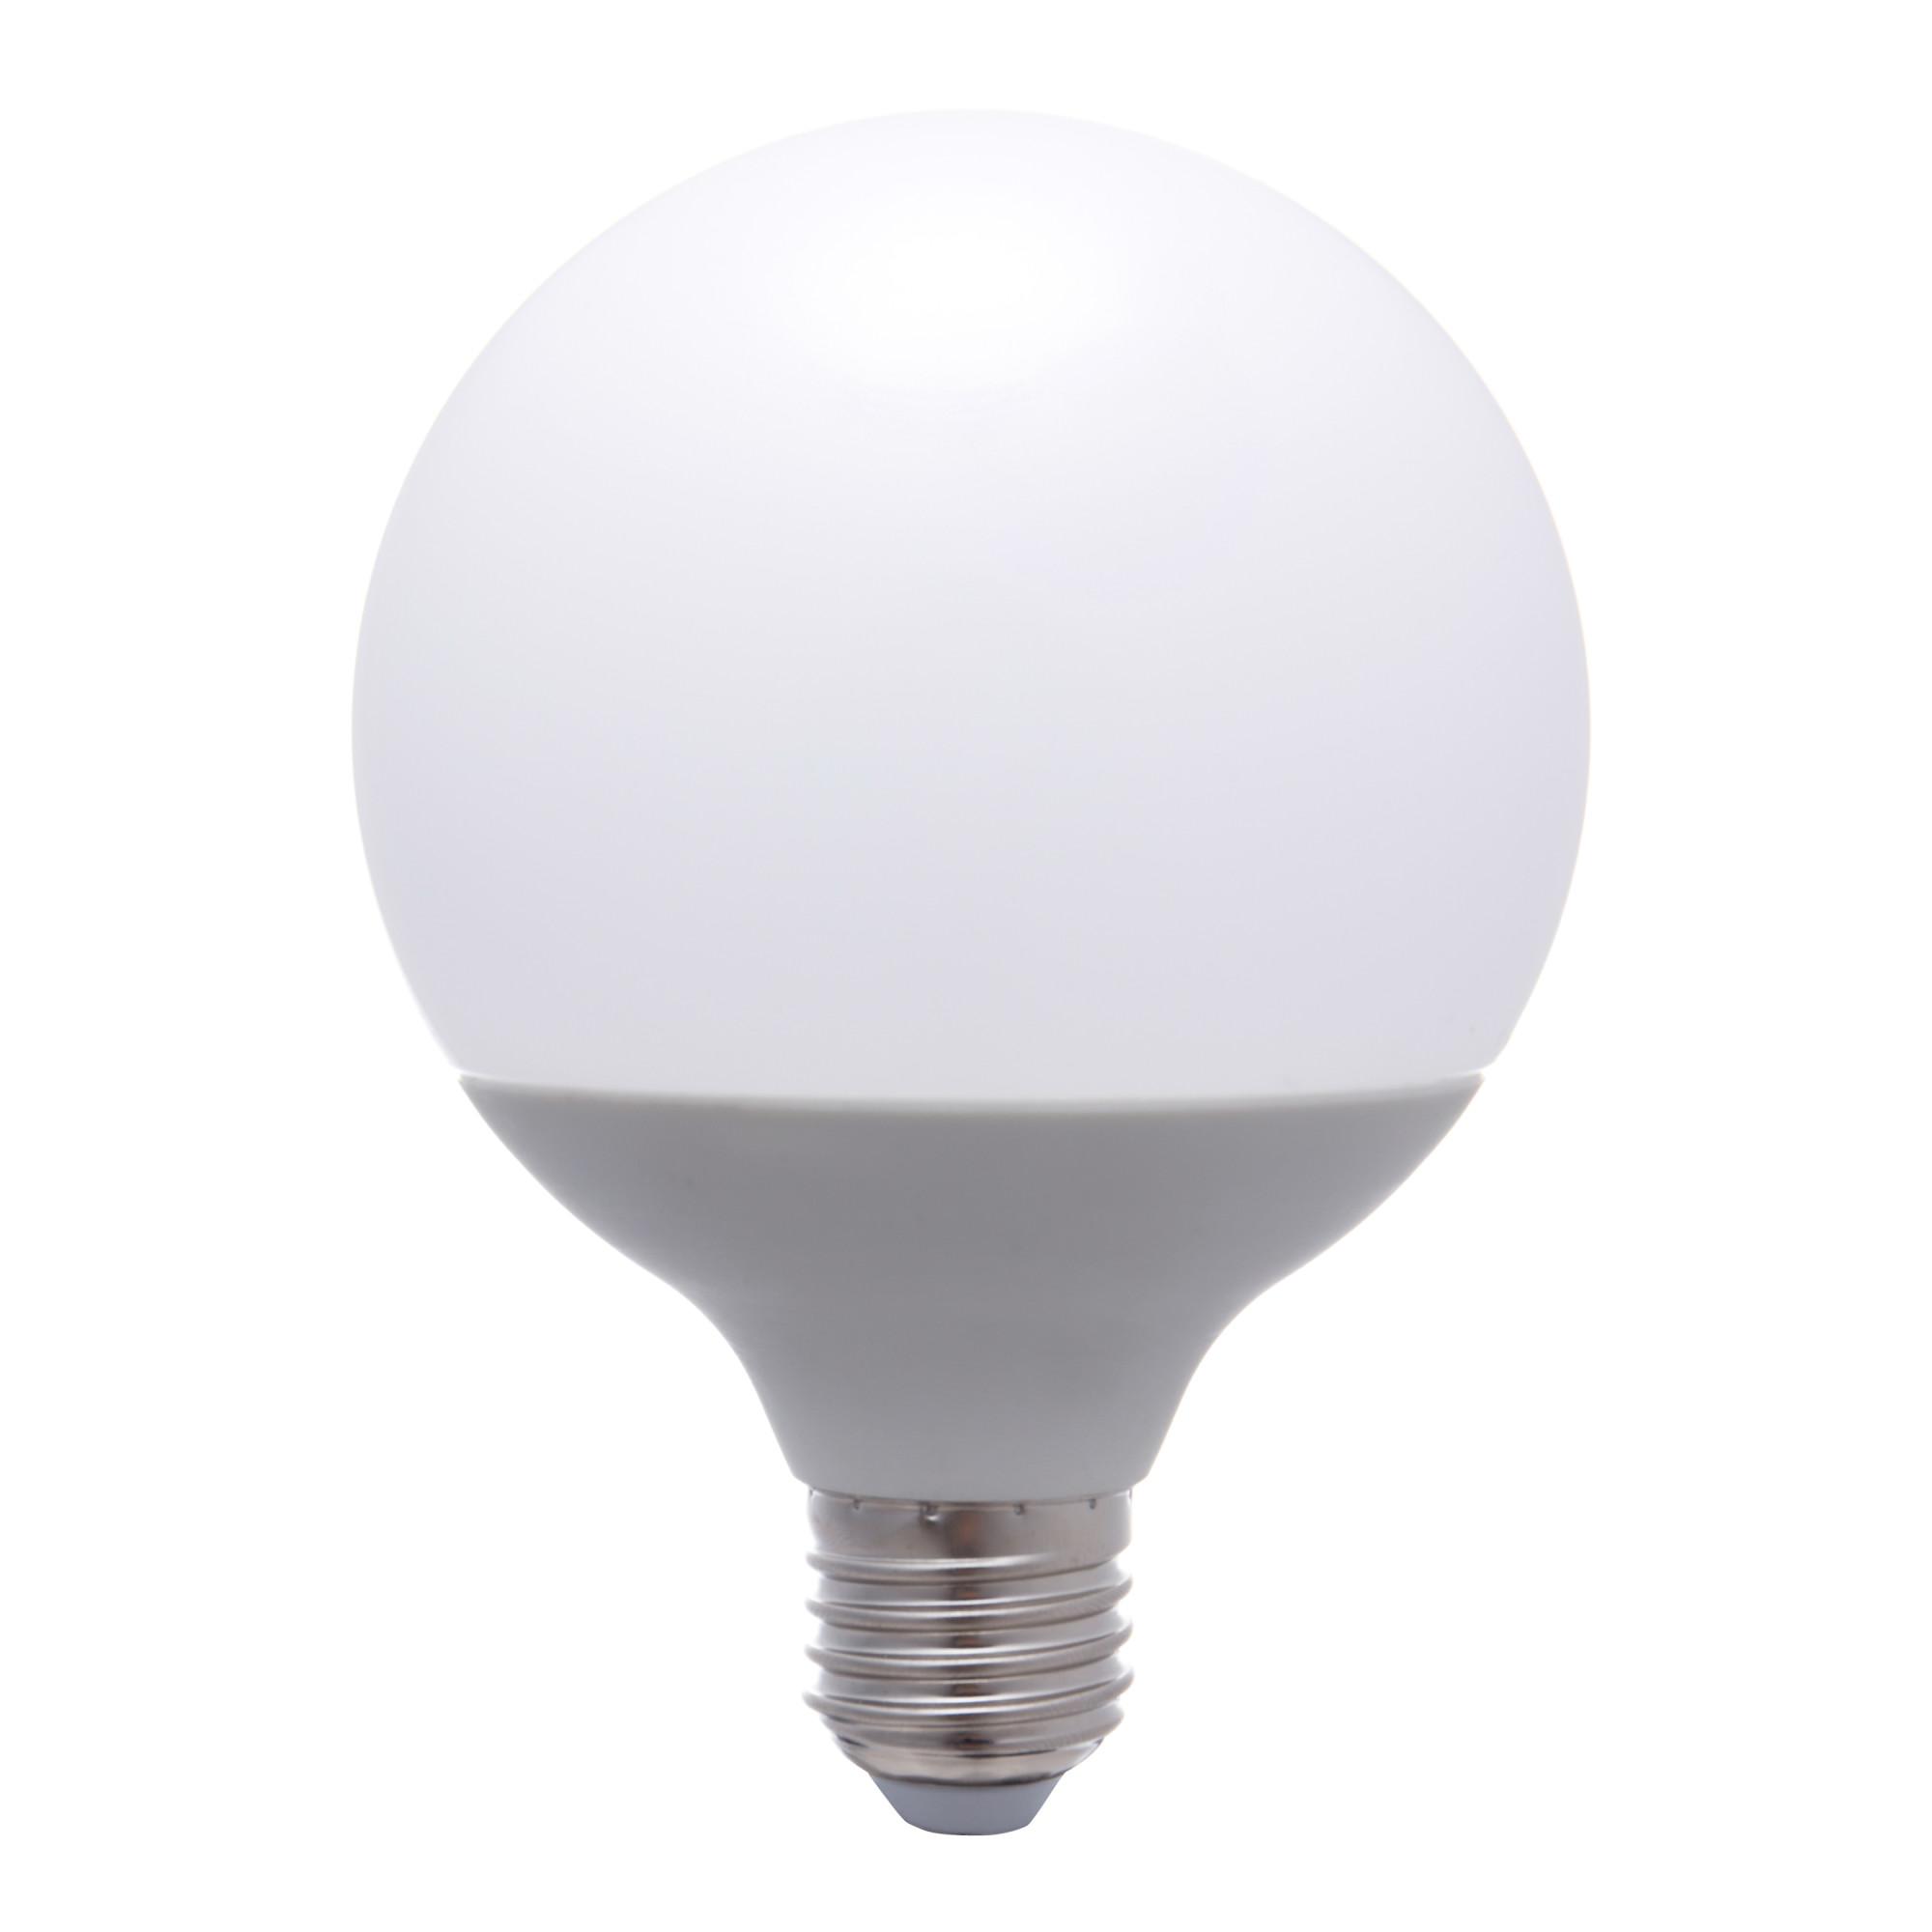 Лампа светодиодная Lexman E27 12 Вт 1100 Лм свет нейтральный